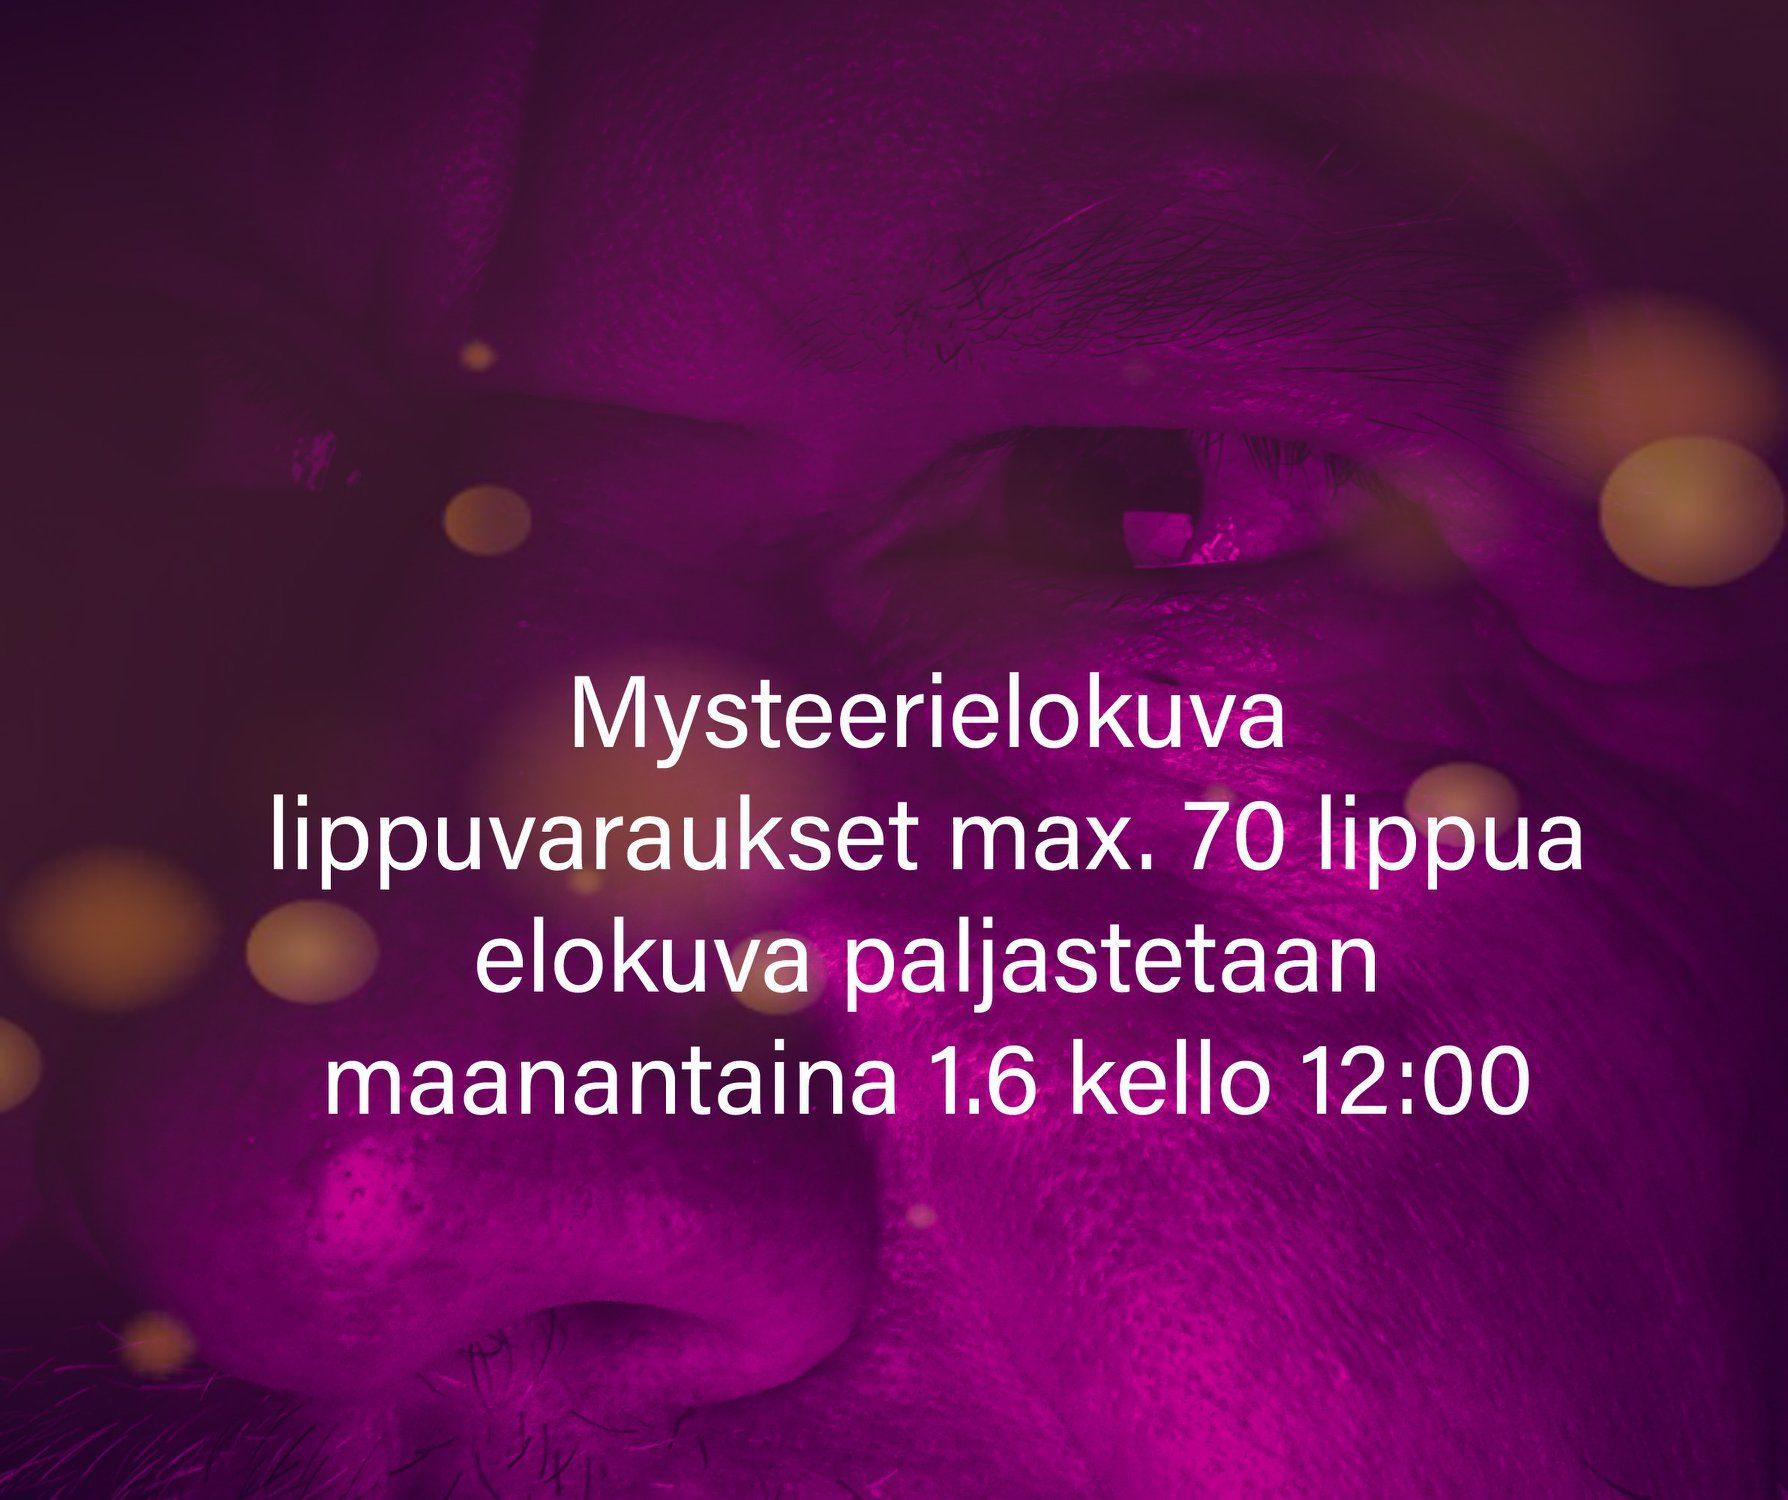 Mysteerielokuva